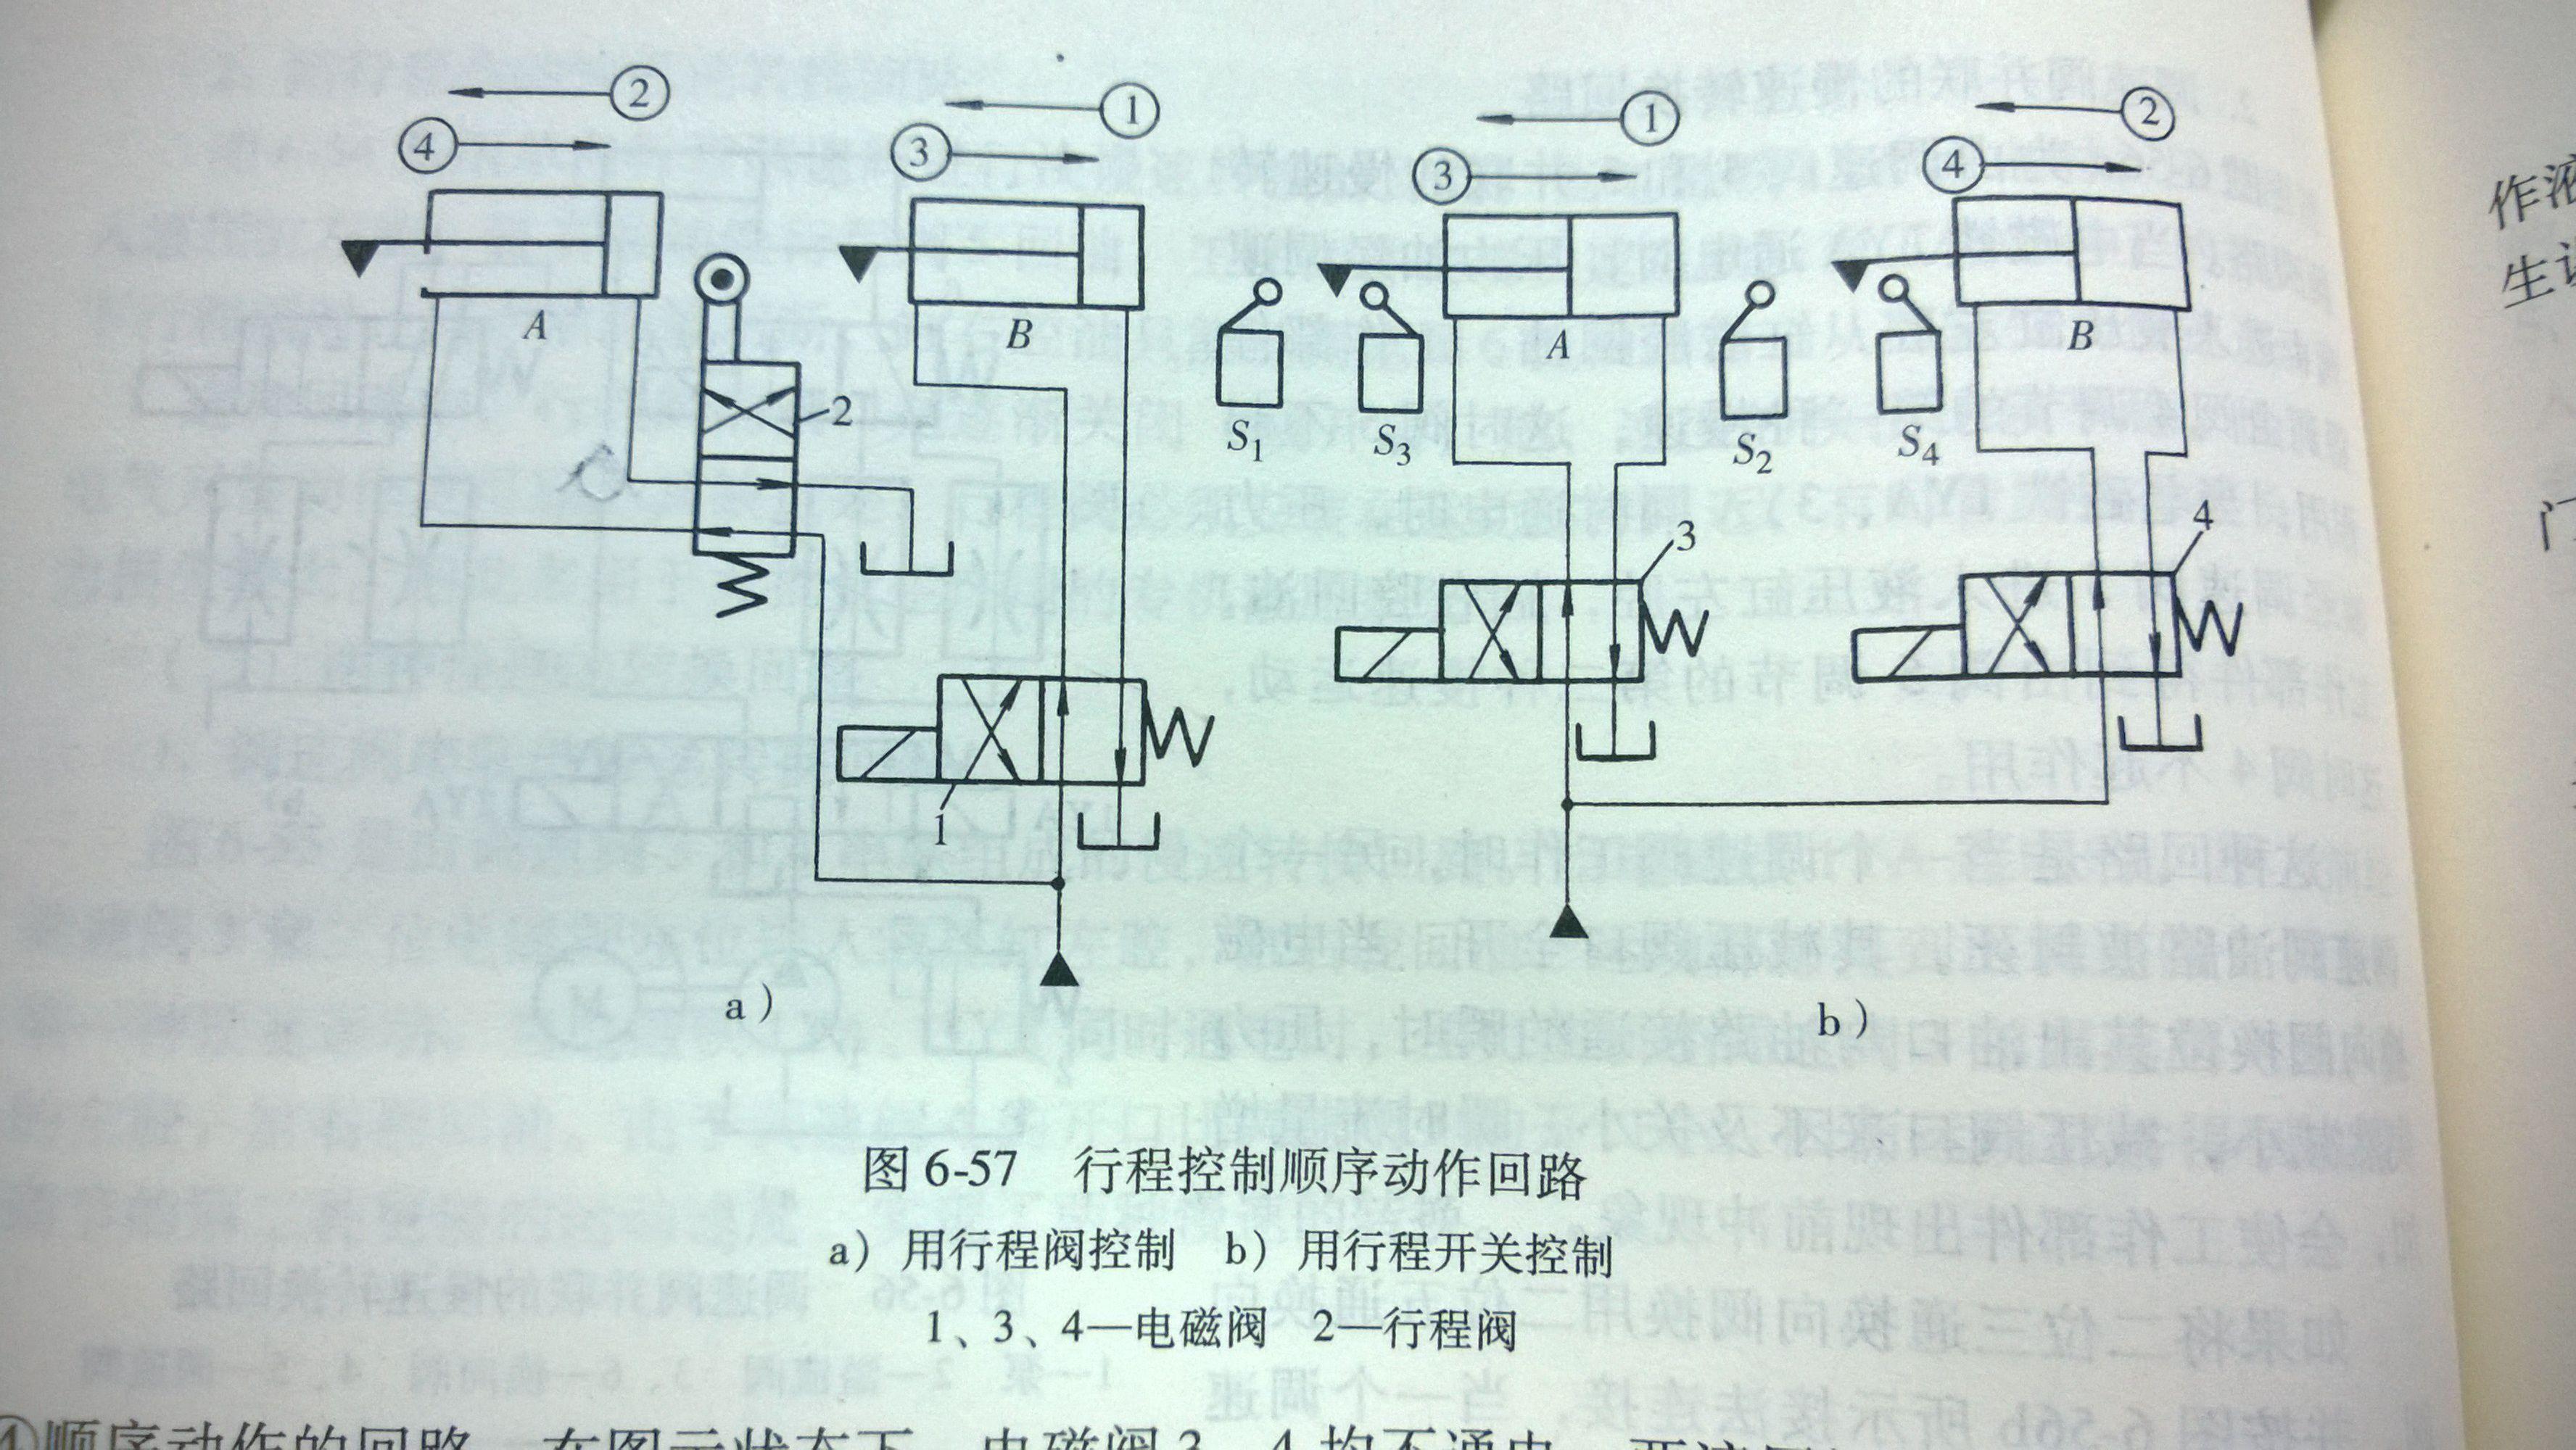 液压传动行程控制顺序动作回路转化成电气控制线路图图片